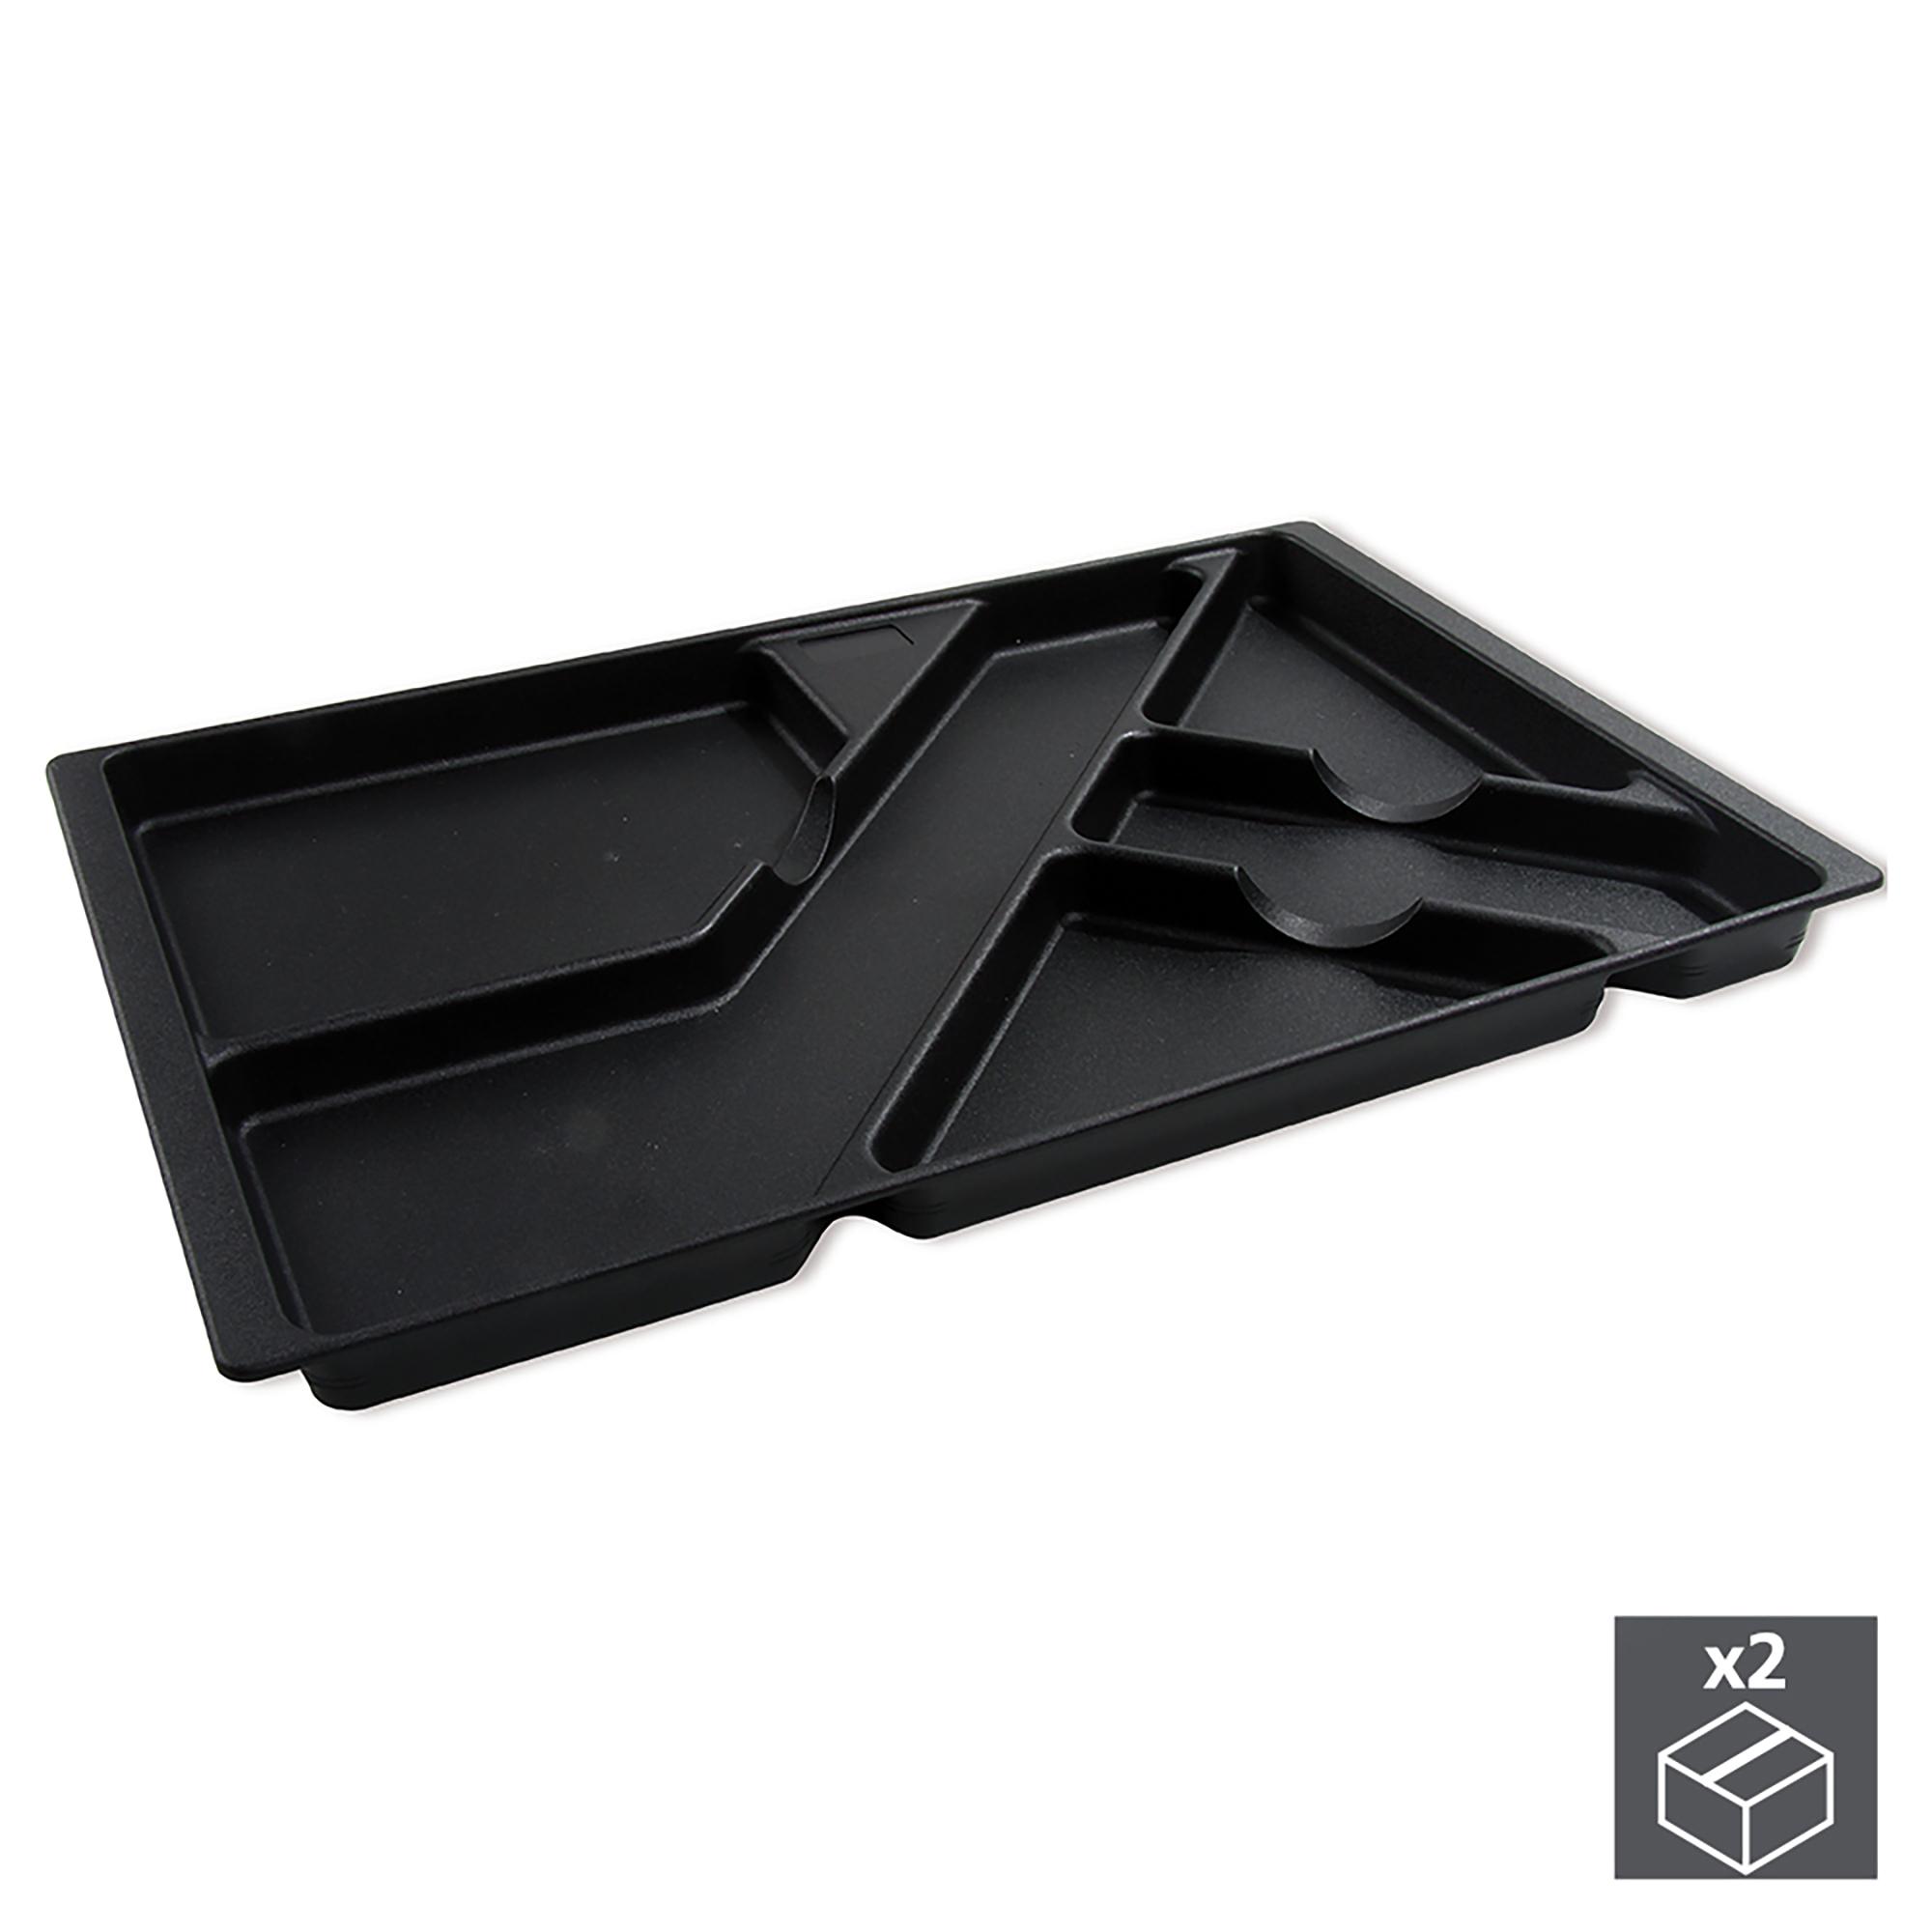 Emuca Vassoio portapenne per cassetti, Plastica, Nero, 2 un.